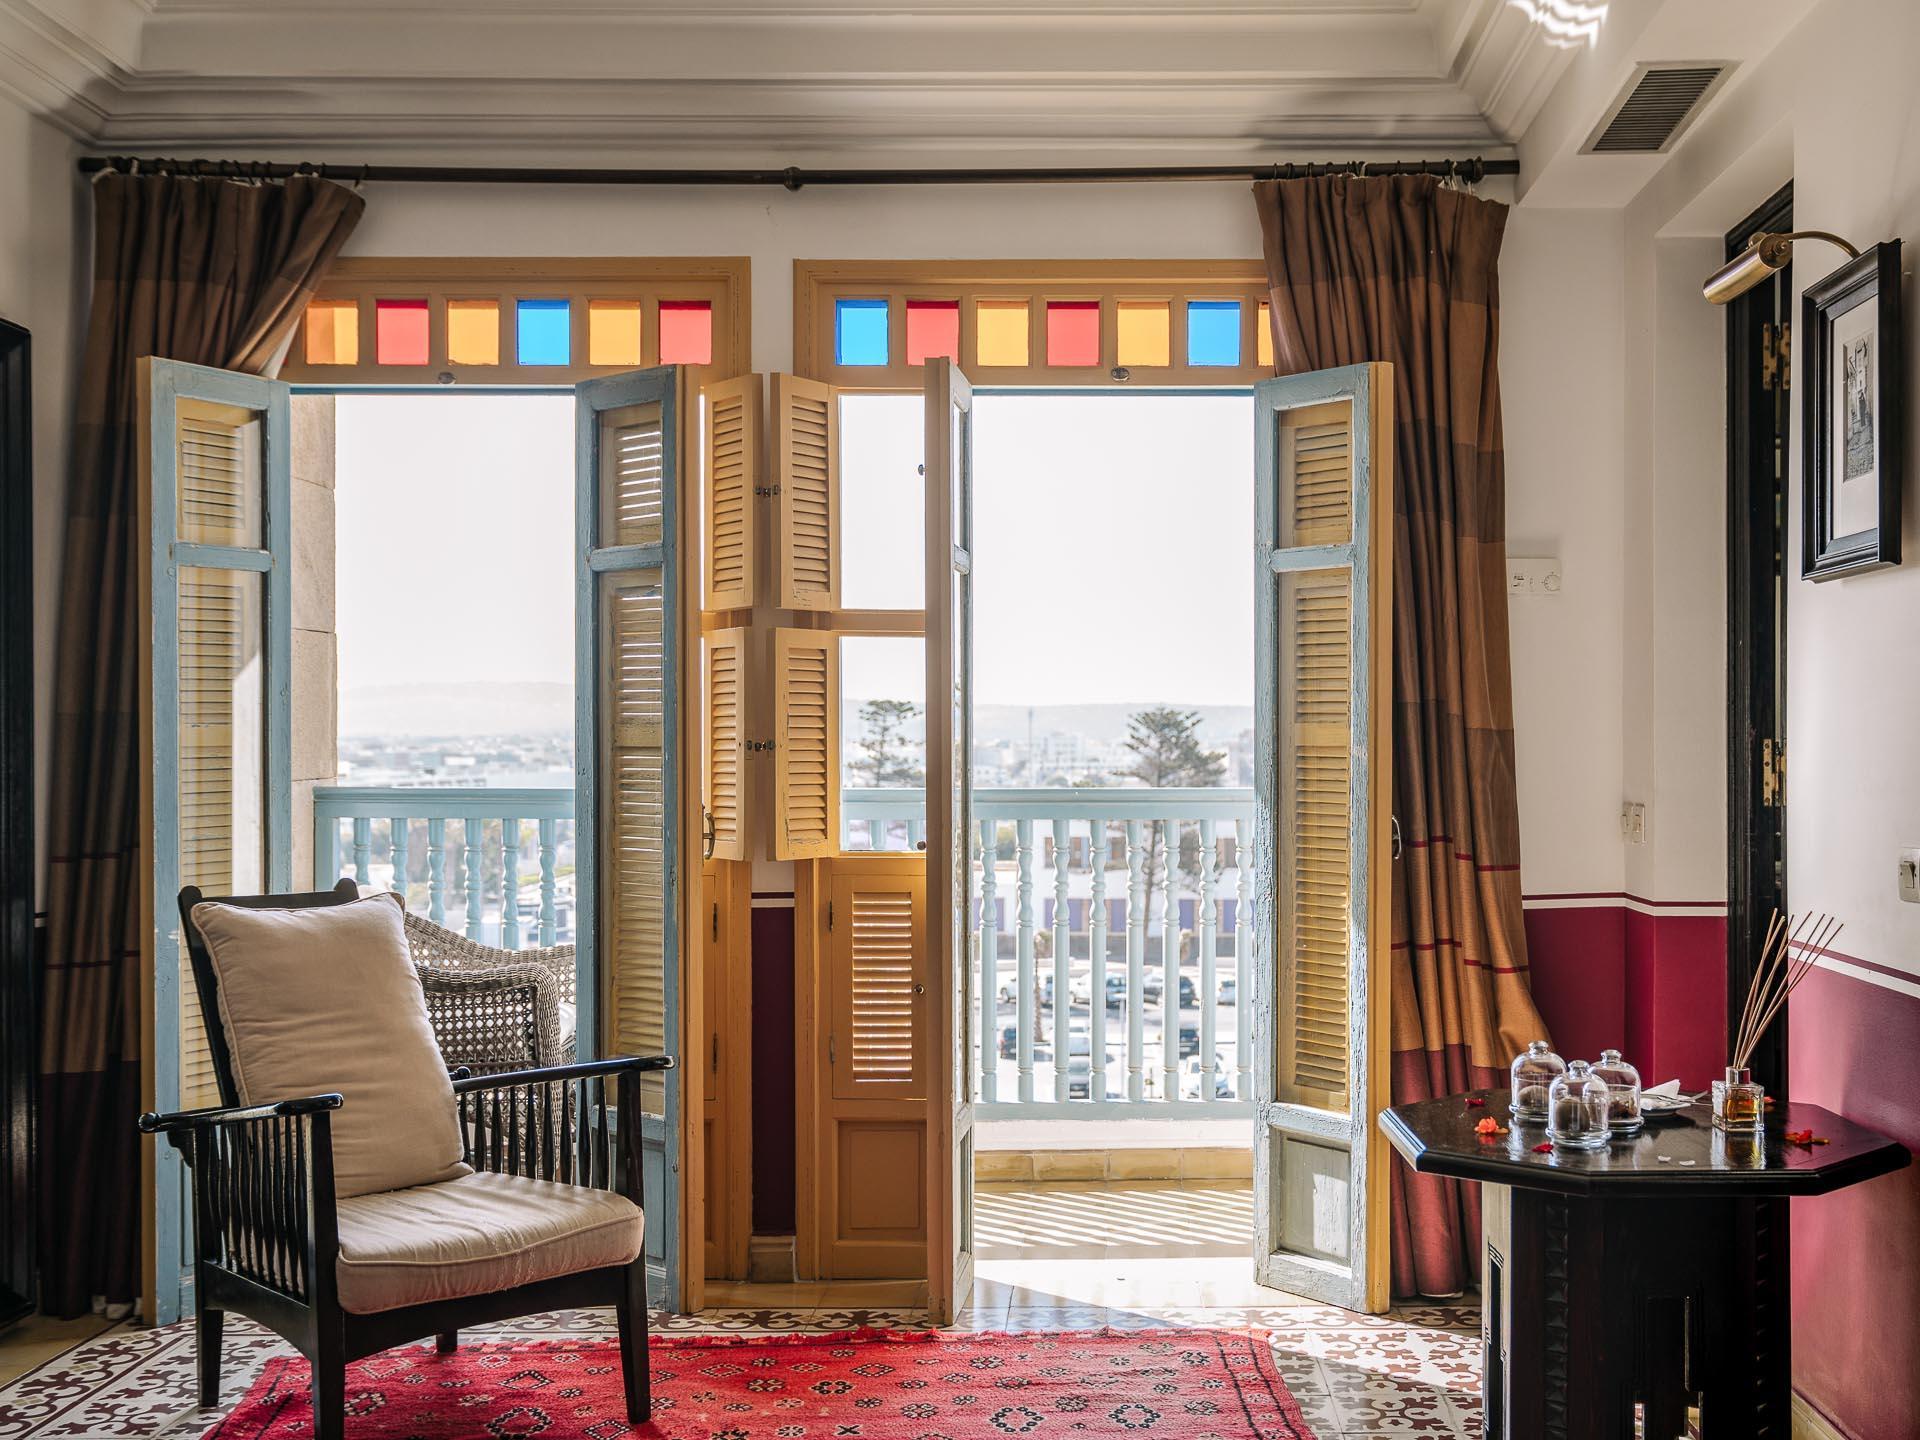 L'Heure Bleue Palais - Chambre Deluxe avec balcon © DR